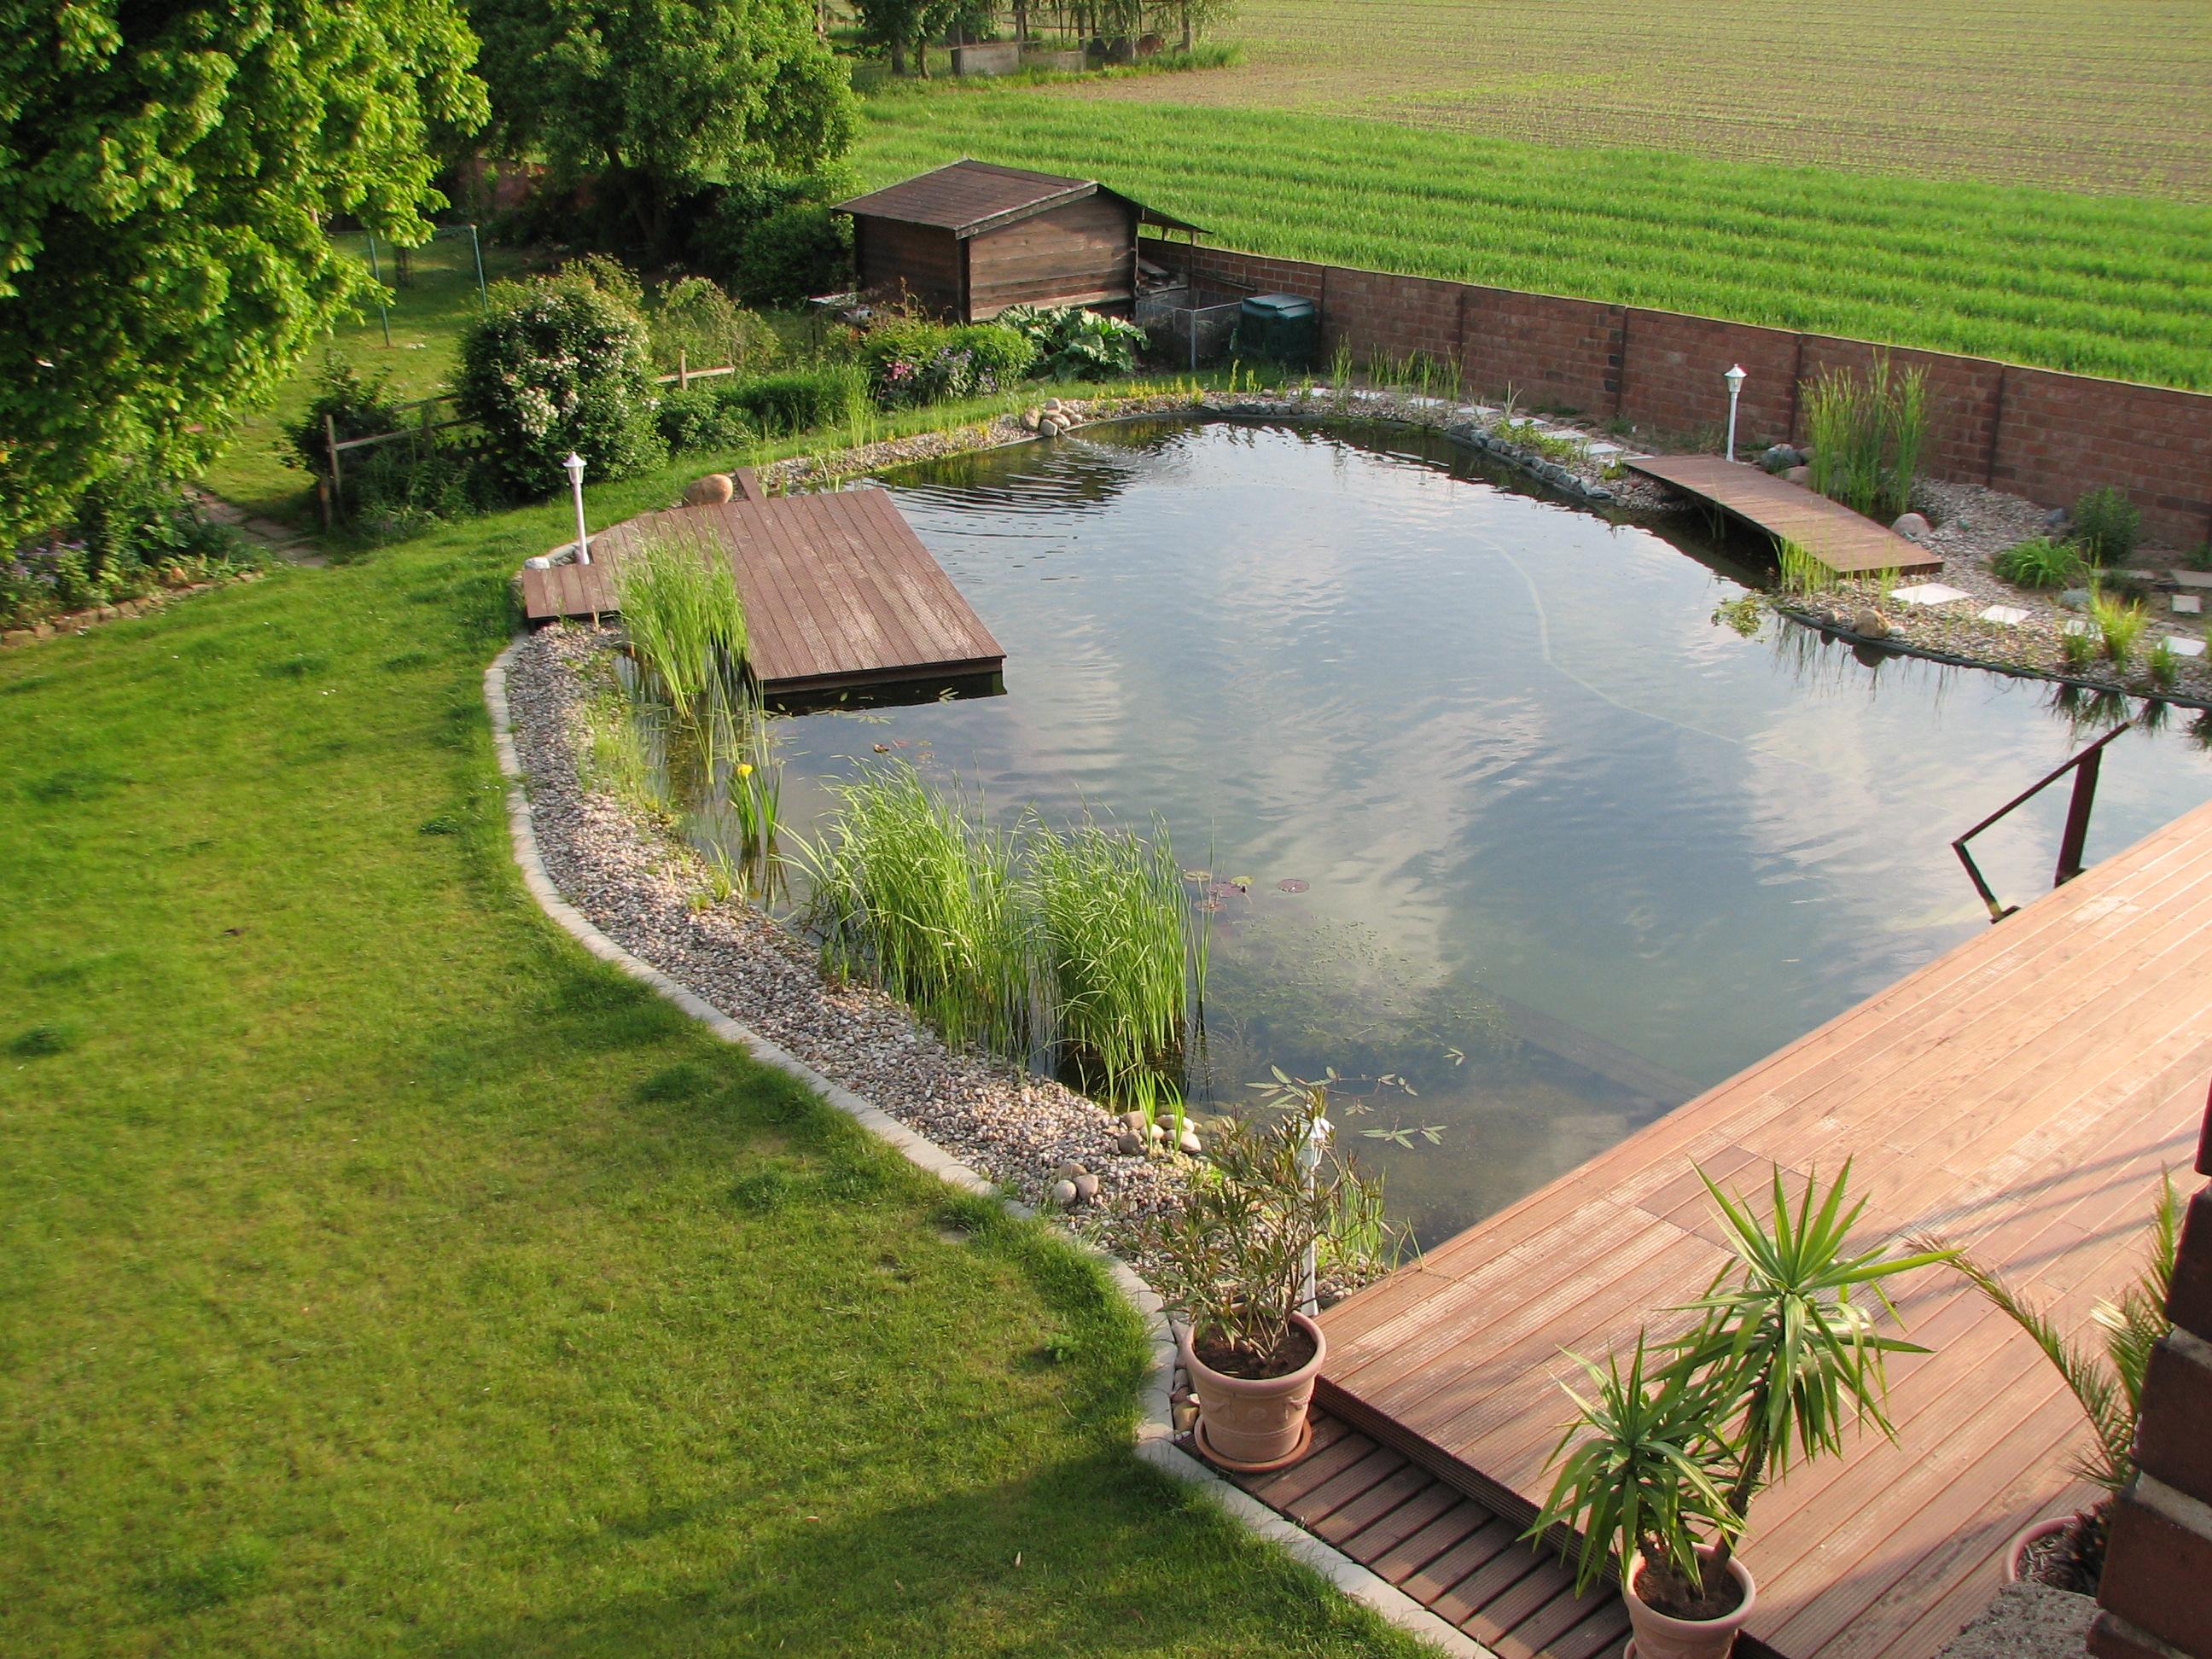 Fotos vom schwimmteich der familie schweda in hoheneggelsen for Garten schwimmteich